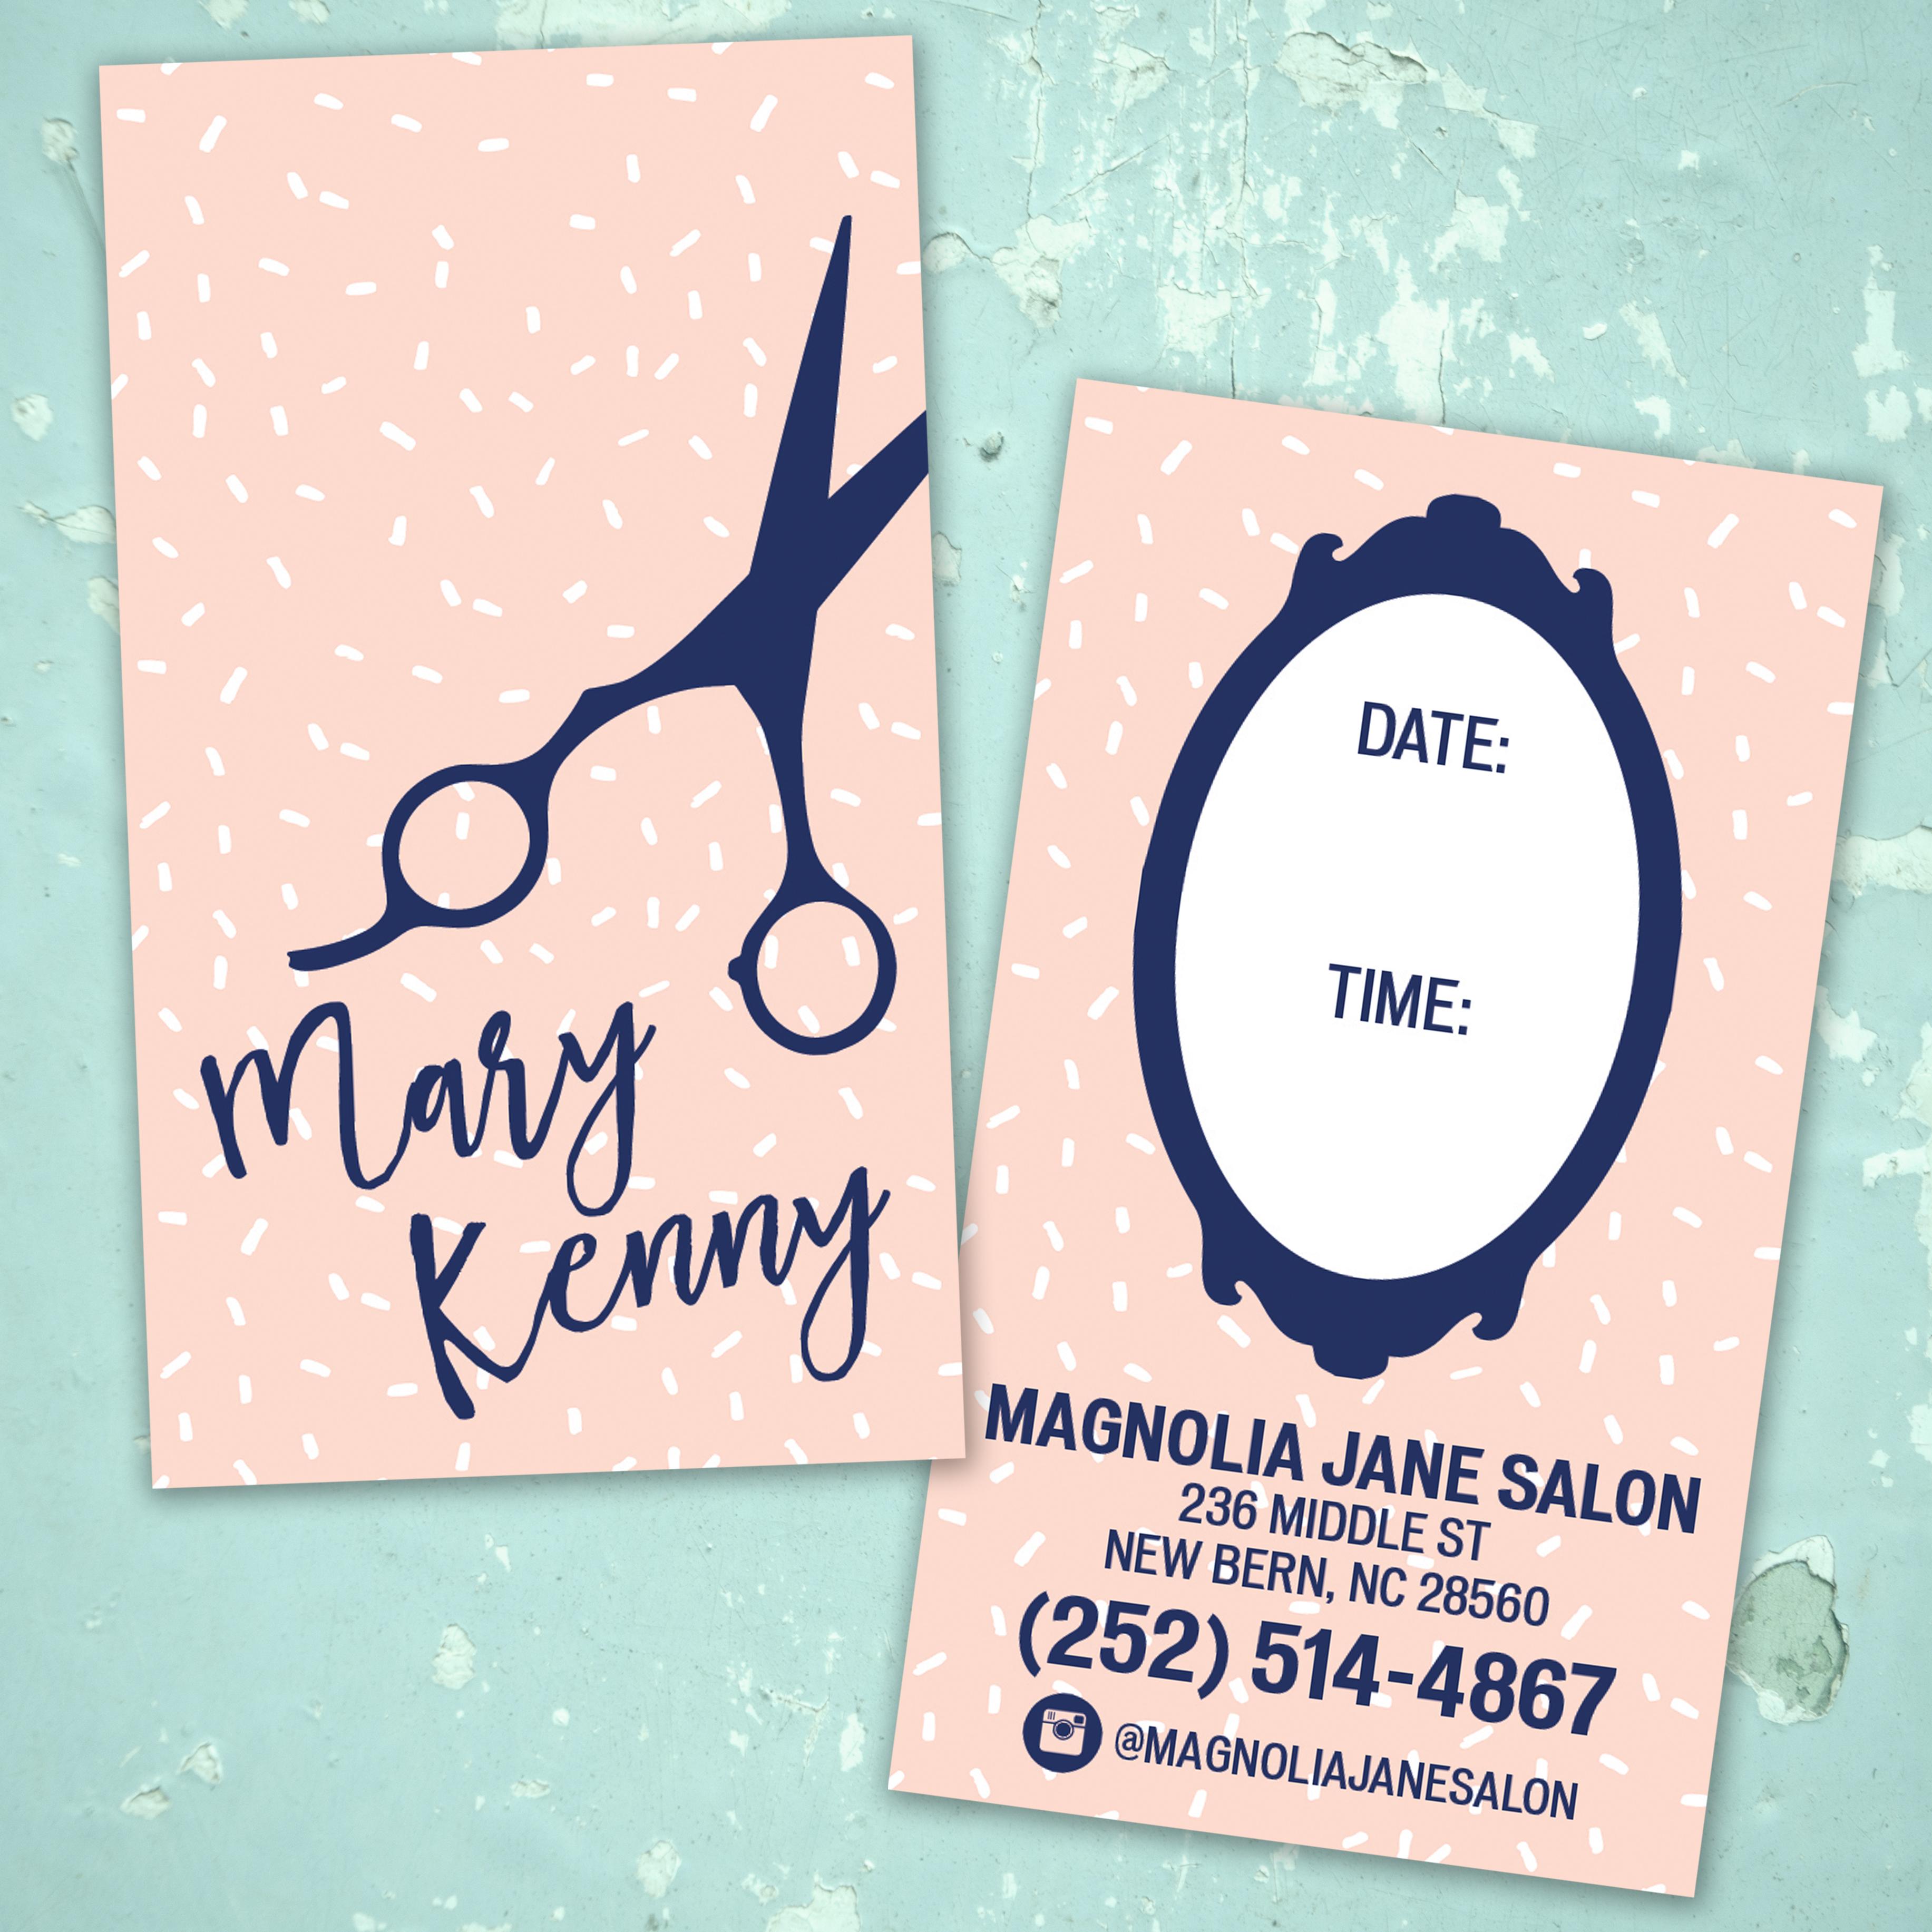 Hair Stylist Business Cards on Behance